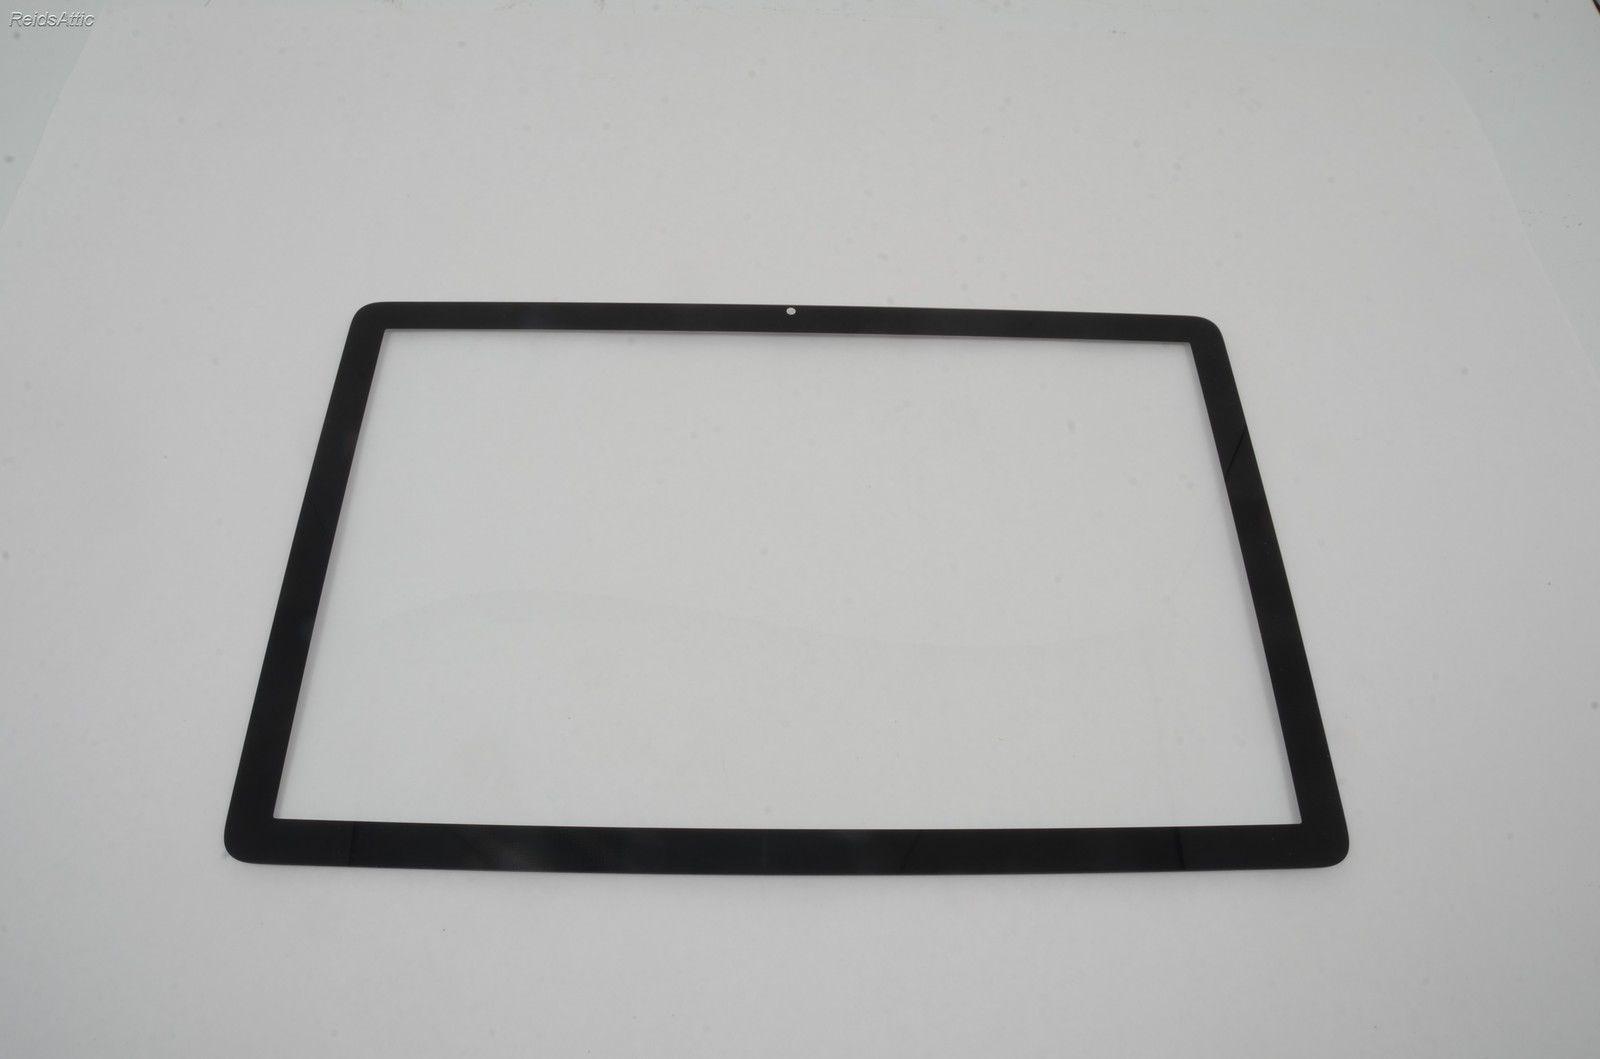 thay mặt kính màn hình imac 20 inch a1224 2007 2008 2009 Glass Panel Cover MA200 MA589 MA876 MA877 MB323 MB324 MC015 MC015B